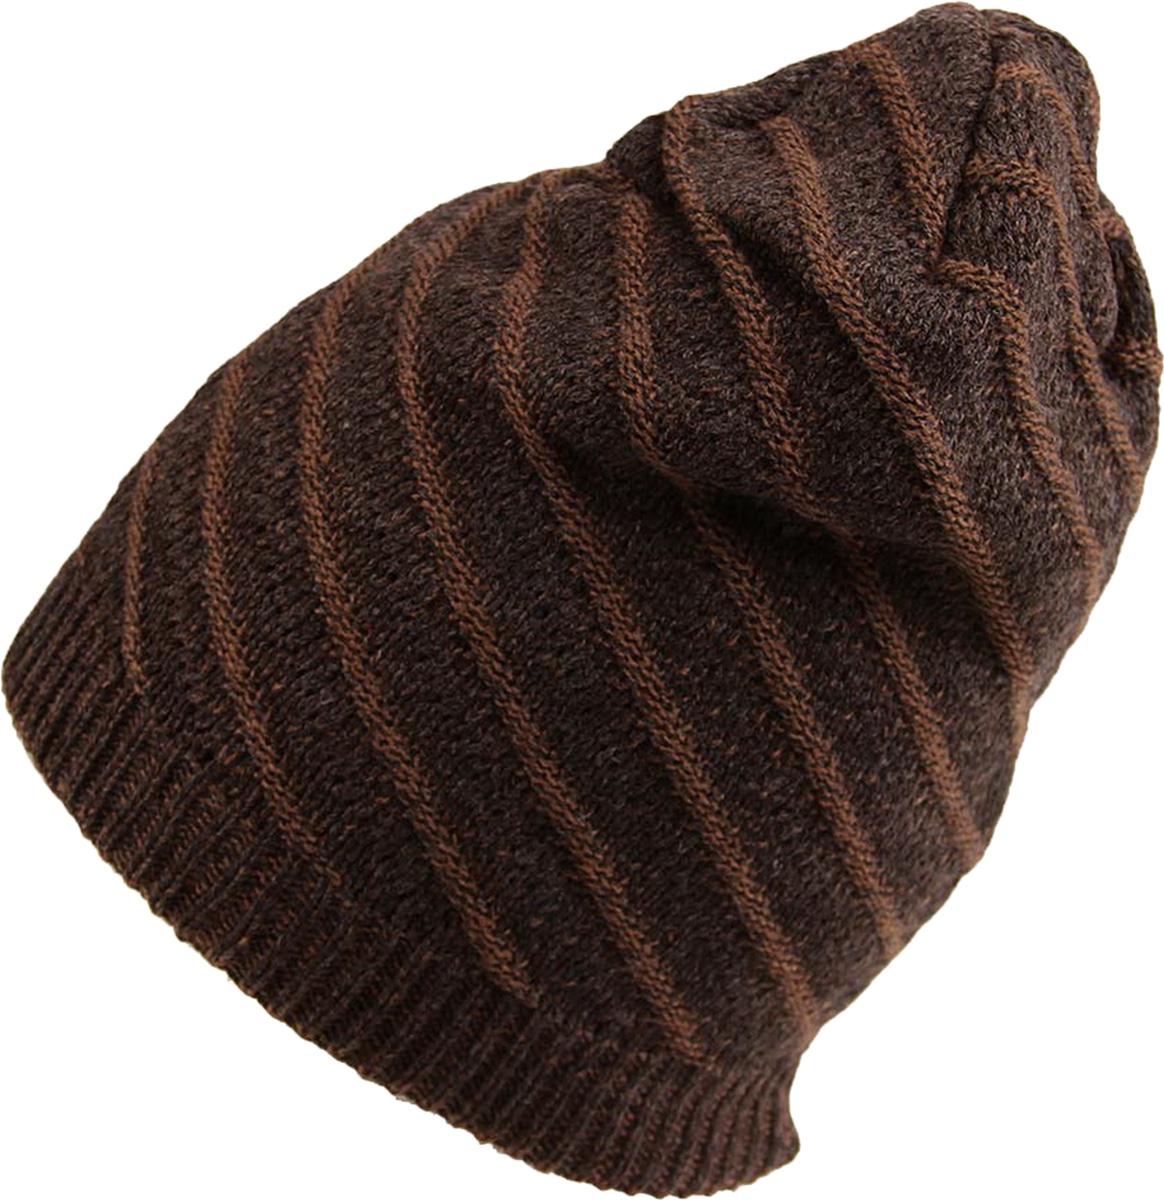 Шапка женская Venera, цвет: коричневый. 9806256-19/1. Размер универсальный9806256-19/1 ШапкаСтильная шапка, отличный аксессуар для современной девушки, удобен в повседневной носке, легко комбинируется с различной верхней одеждой